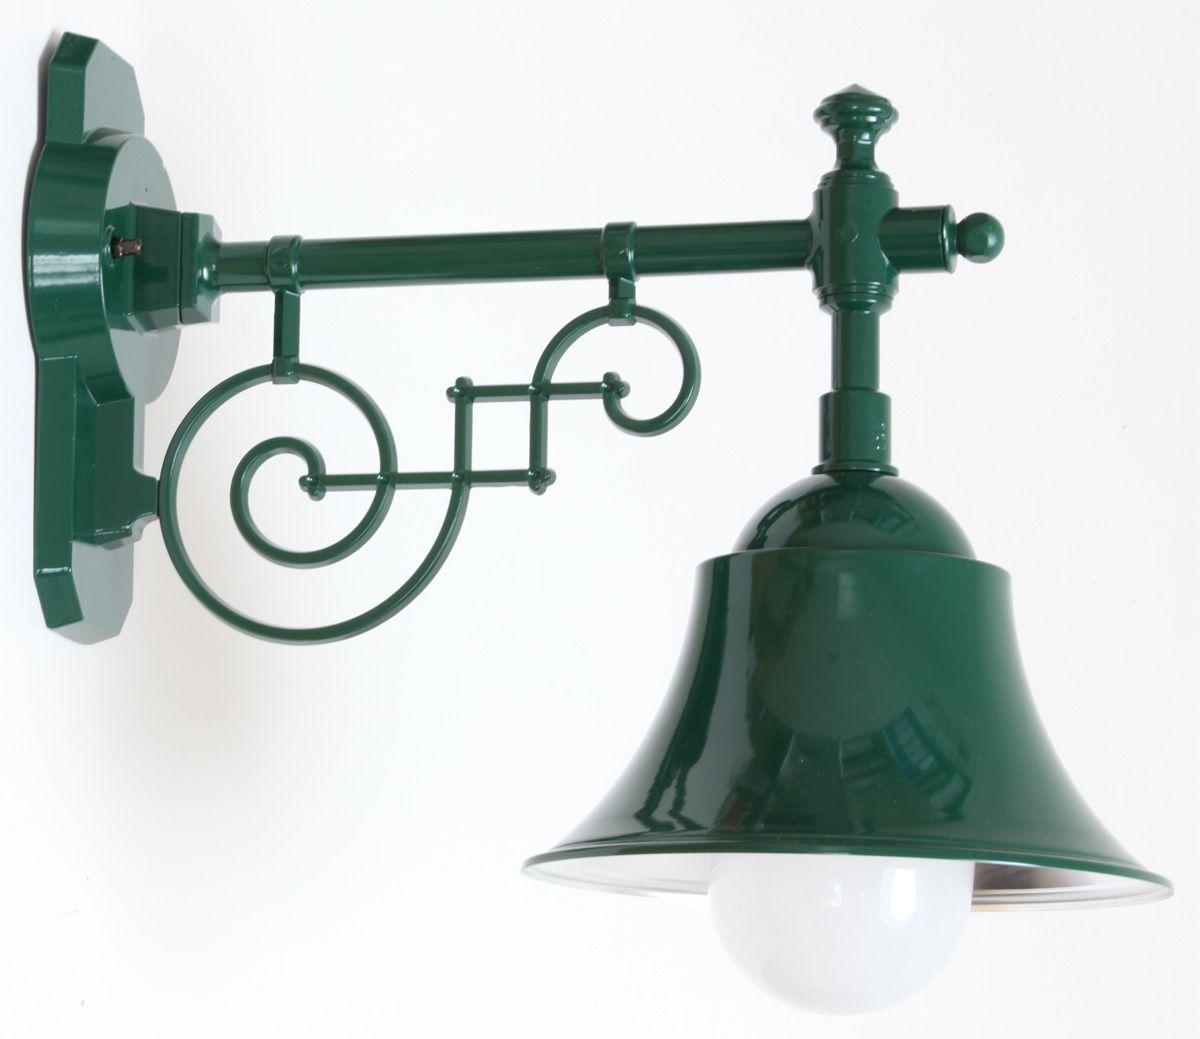 Historische au enlampe mit schirm im industriedesign von for Lampen im industriedesign